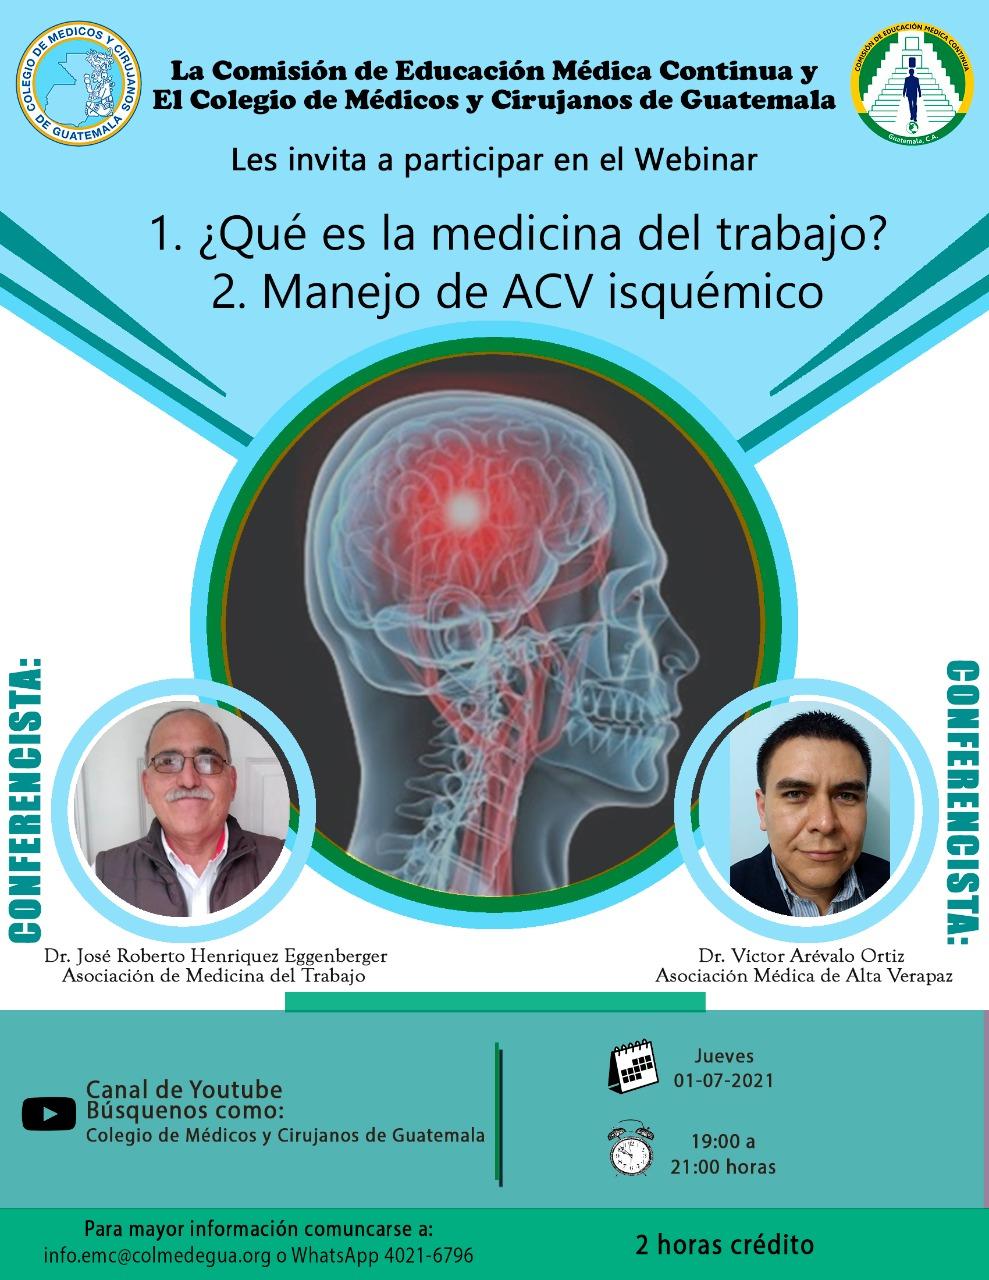 Webinar 1. ¿Qué es la medicina del trabajo? 2. Manejo de ACV isquémico.